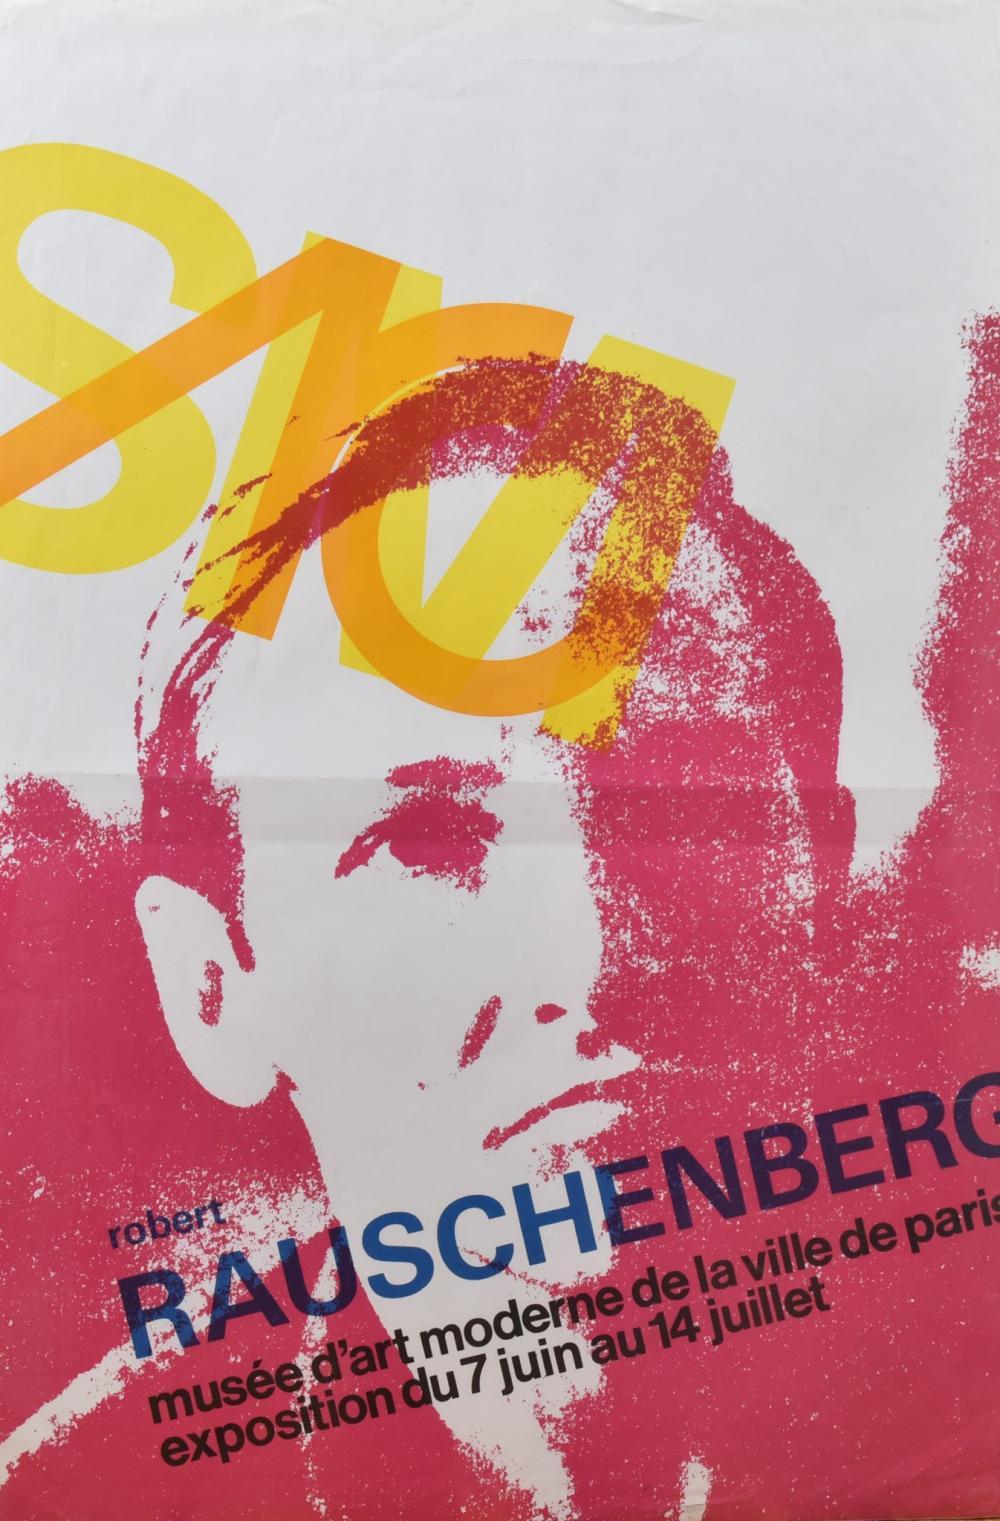 Robert Rauschenberg, American (1925-2008), Musee d'Art Moderne de la Ville de Paris, exposition du 7 juin au 14 juillet, offset lithograph, 37 1/2 x 25 1/4 inches